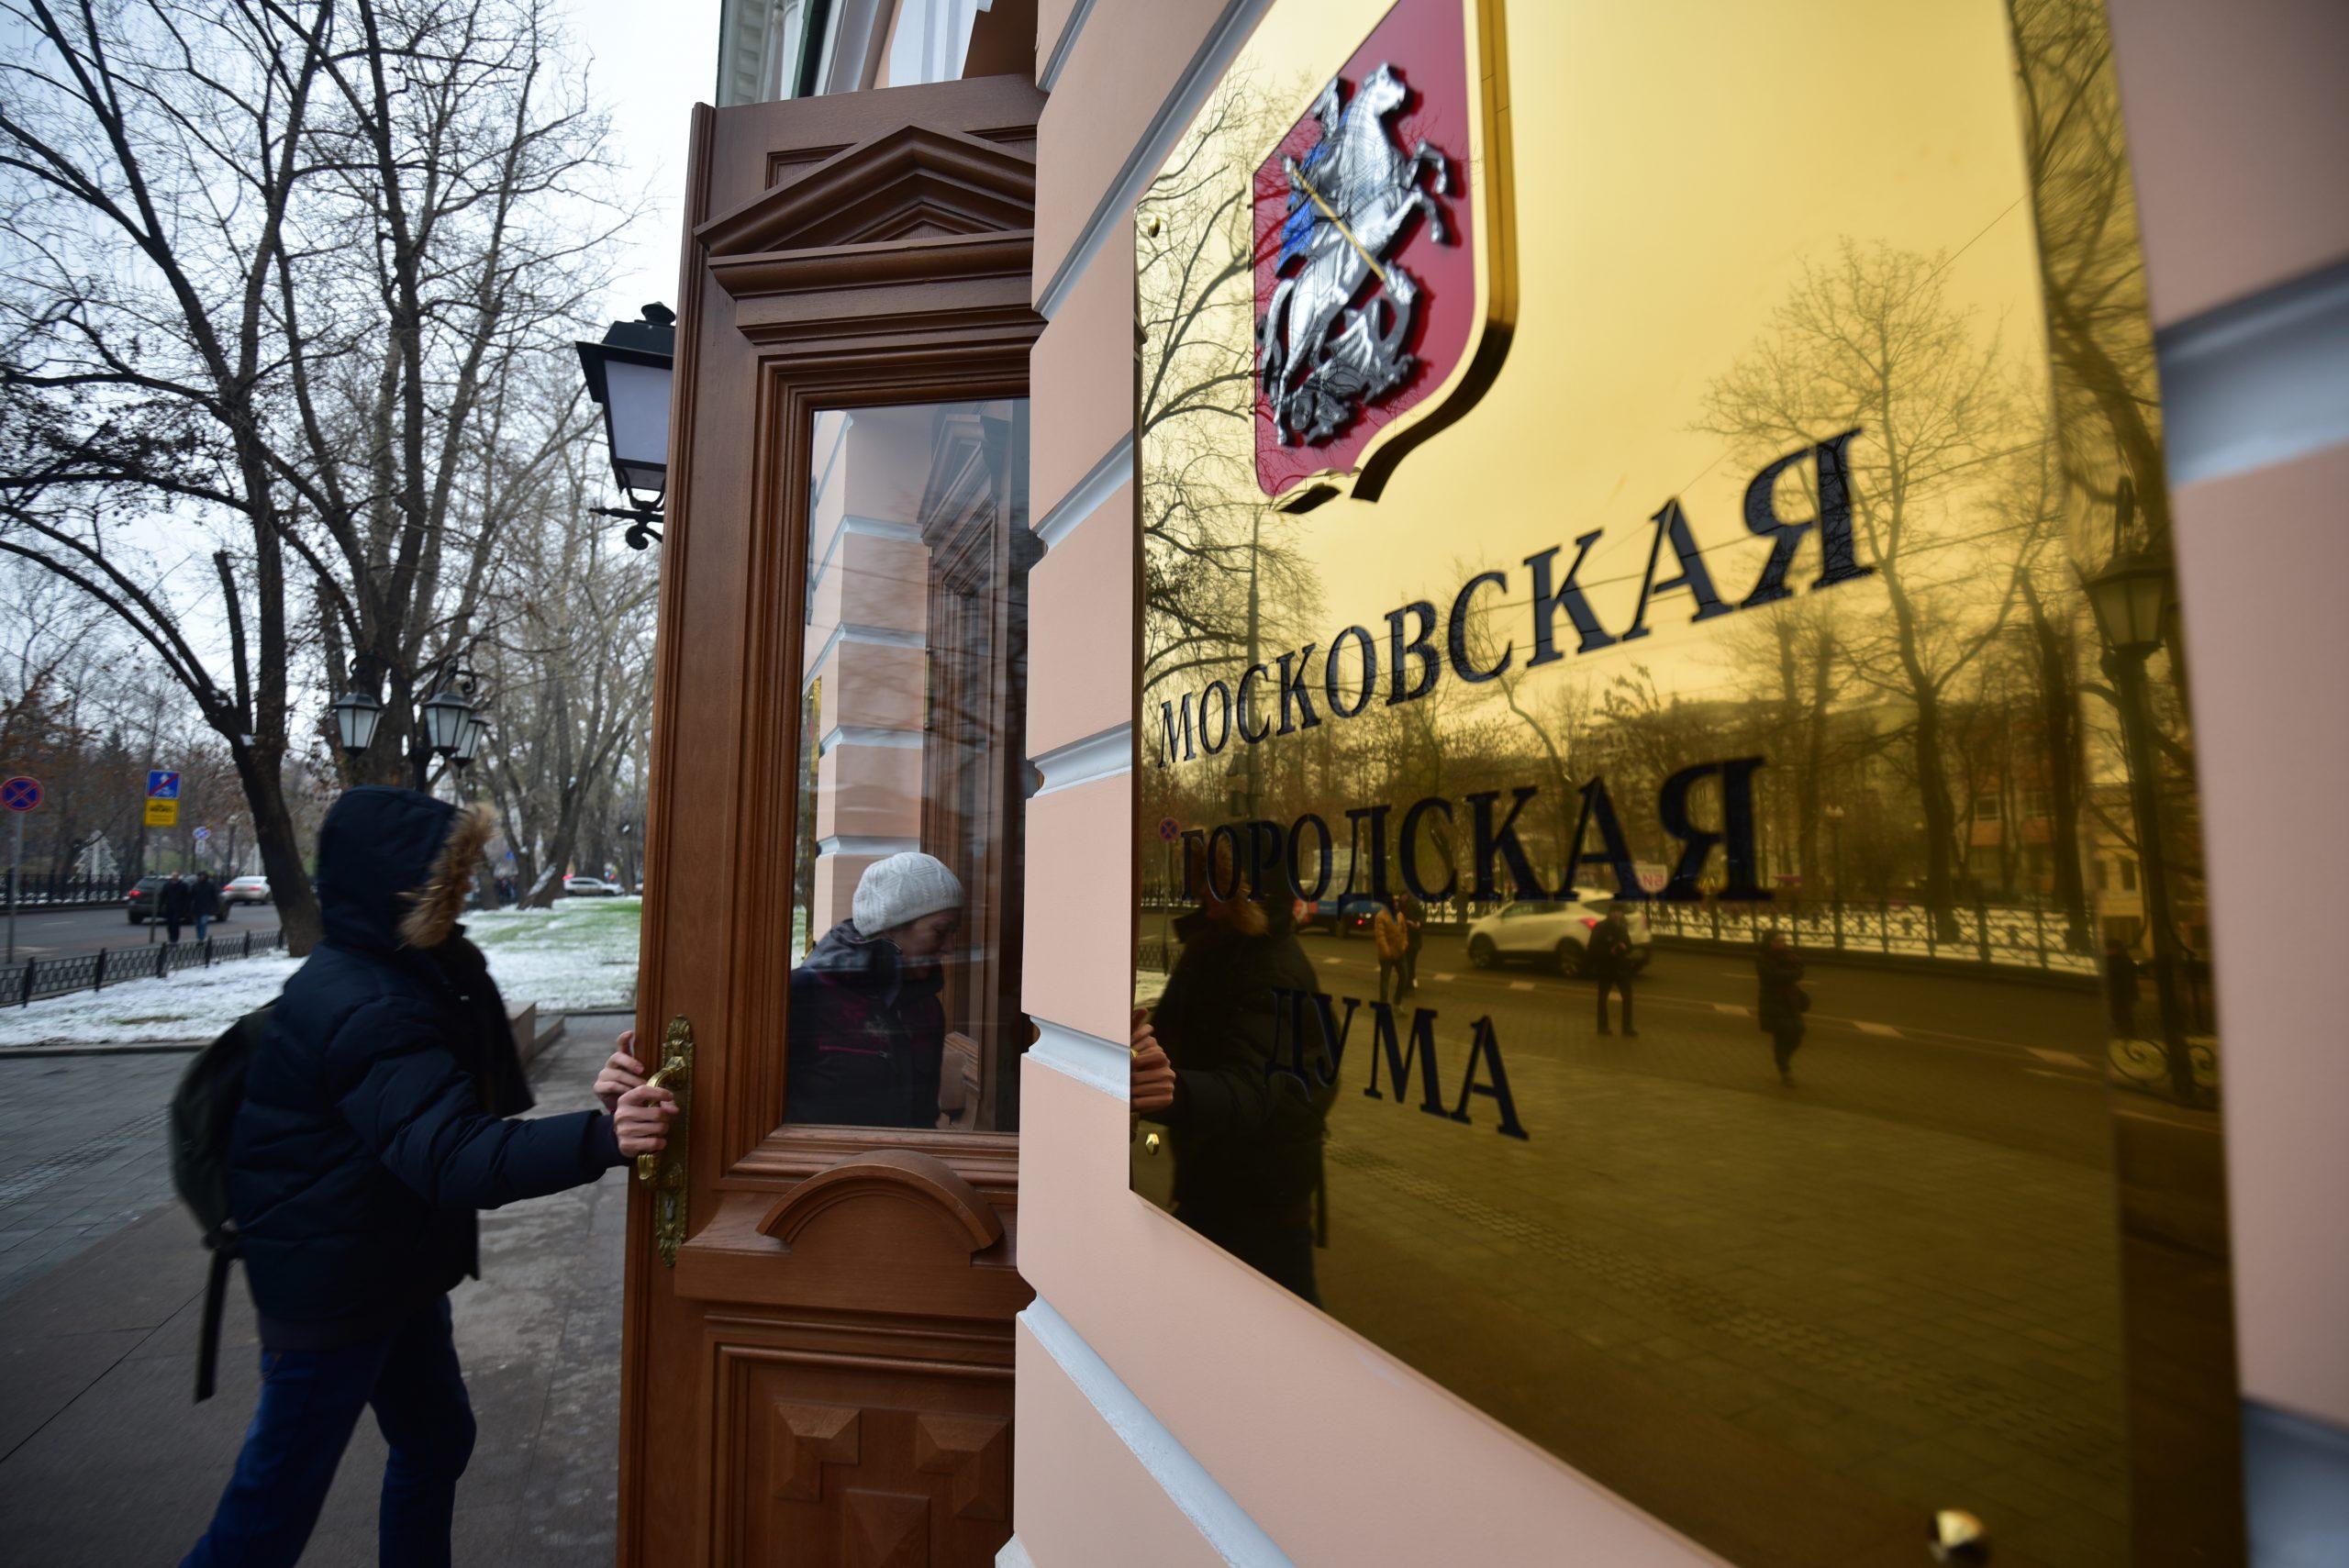 Депутат МГД Ольга Мельникова: Москва должна развивать систему социальной адаптации инвалидов